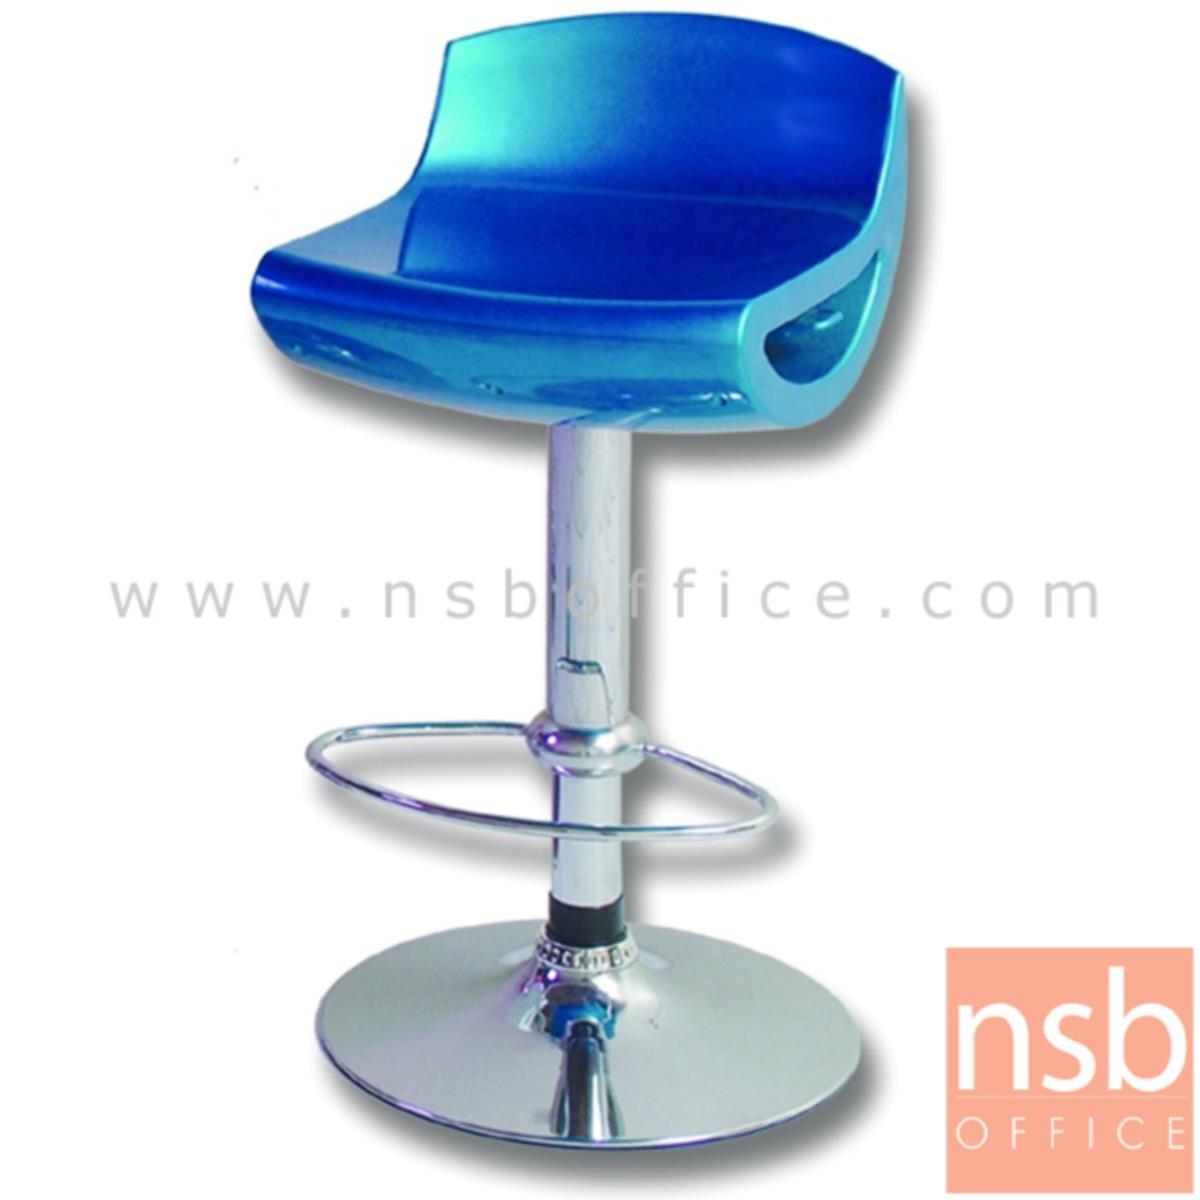 B18A013:เก้าอี้บาร์สูง ABS รุ่น Walpole (วอลโพล) ขนาด 35W cm. ขาโครเมี่ยมฐานจานกลม